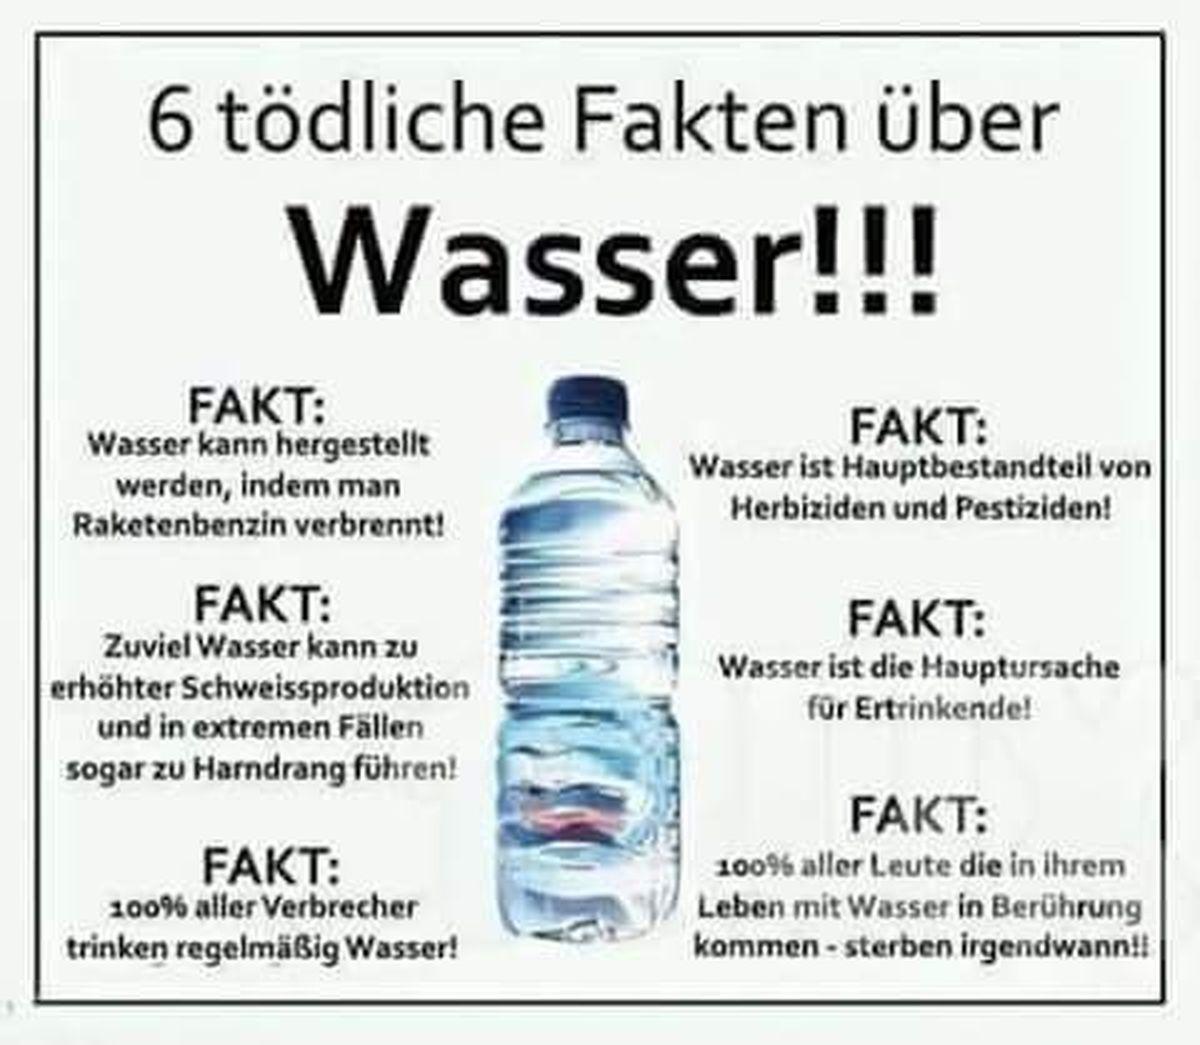 6 tödliche Fakten über Wasser!!! | Lustiges | Was is hier eigentlich los?